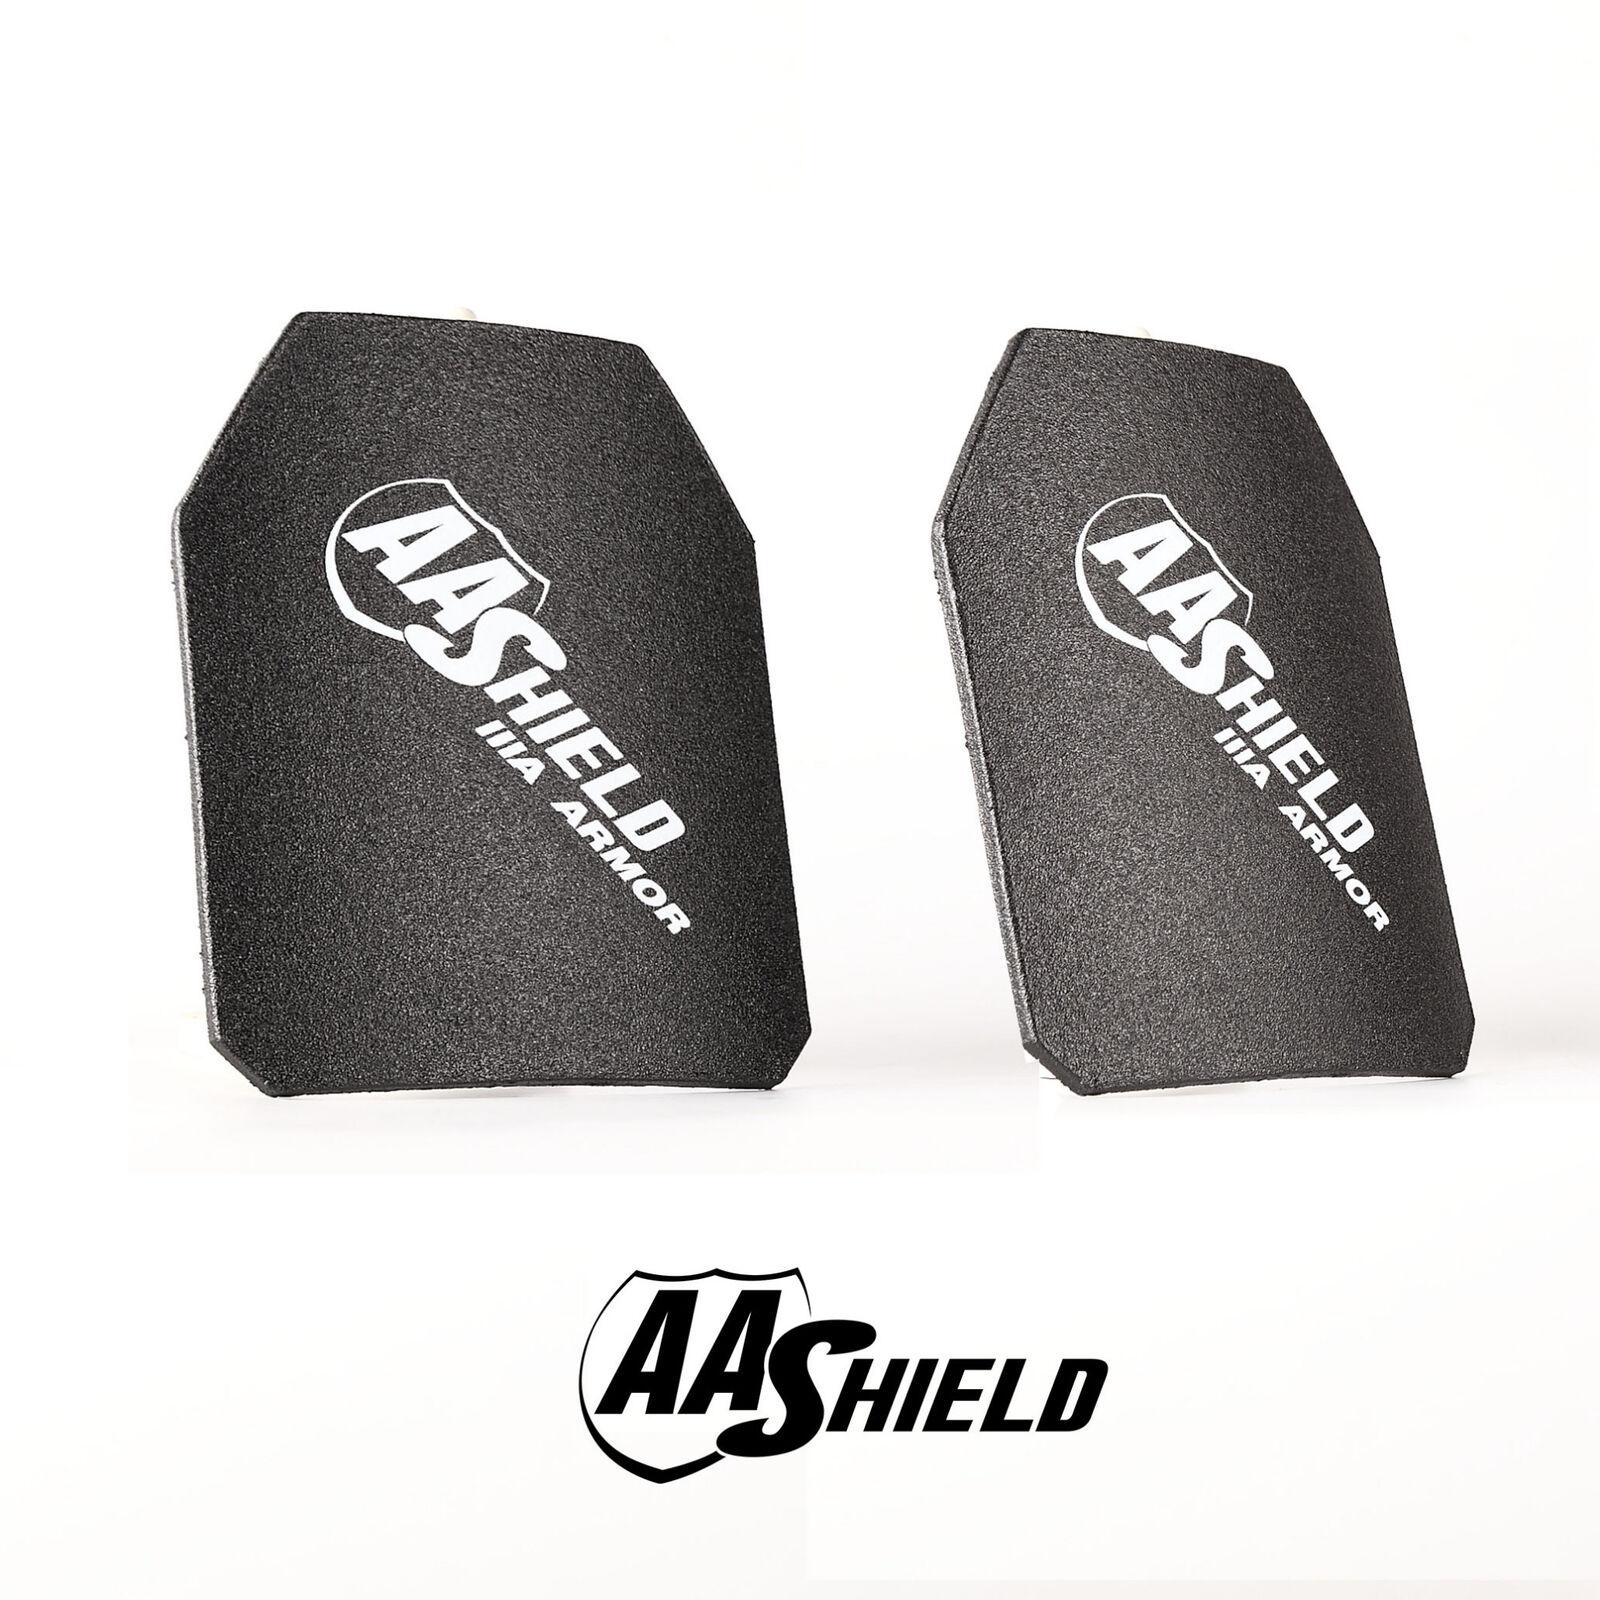 AA Shield Bulletproof Inserts Body Armor Hard Plate Lvl IIIA 3A 10x12 Cut Pair